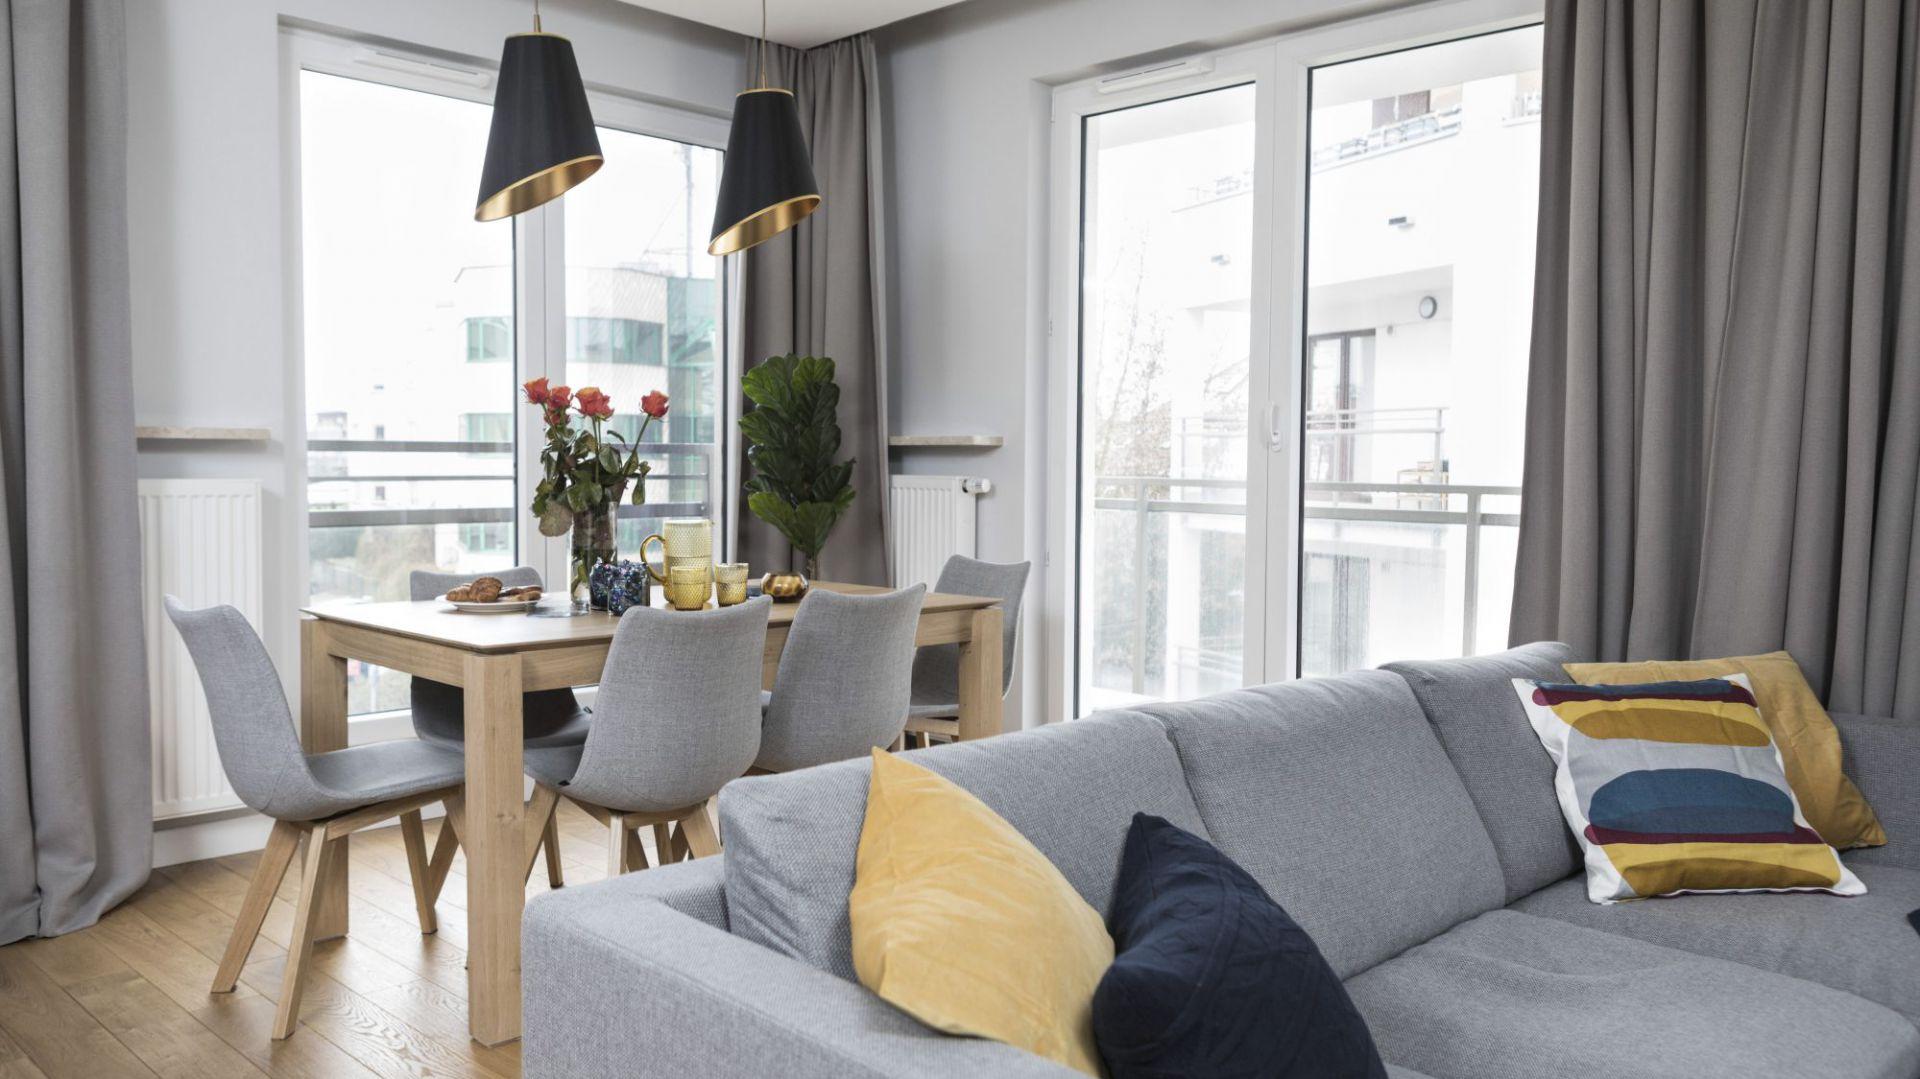 W salonie połączonym z kuchnią mieści się przestronna część dzienna ze strefami o różnej funkcji, których odrębność podkreśla między innymi przemyślane ustawienie mebli. Projekt i zdjęcia: Małgorzata Górska-Niwińska/Pracownia Architektoniczna MGN